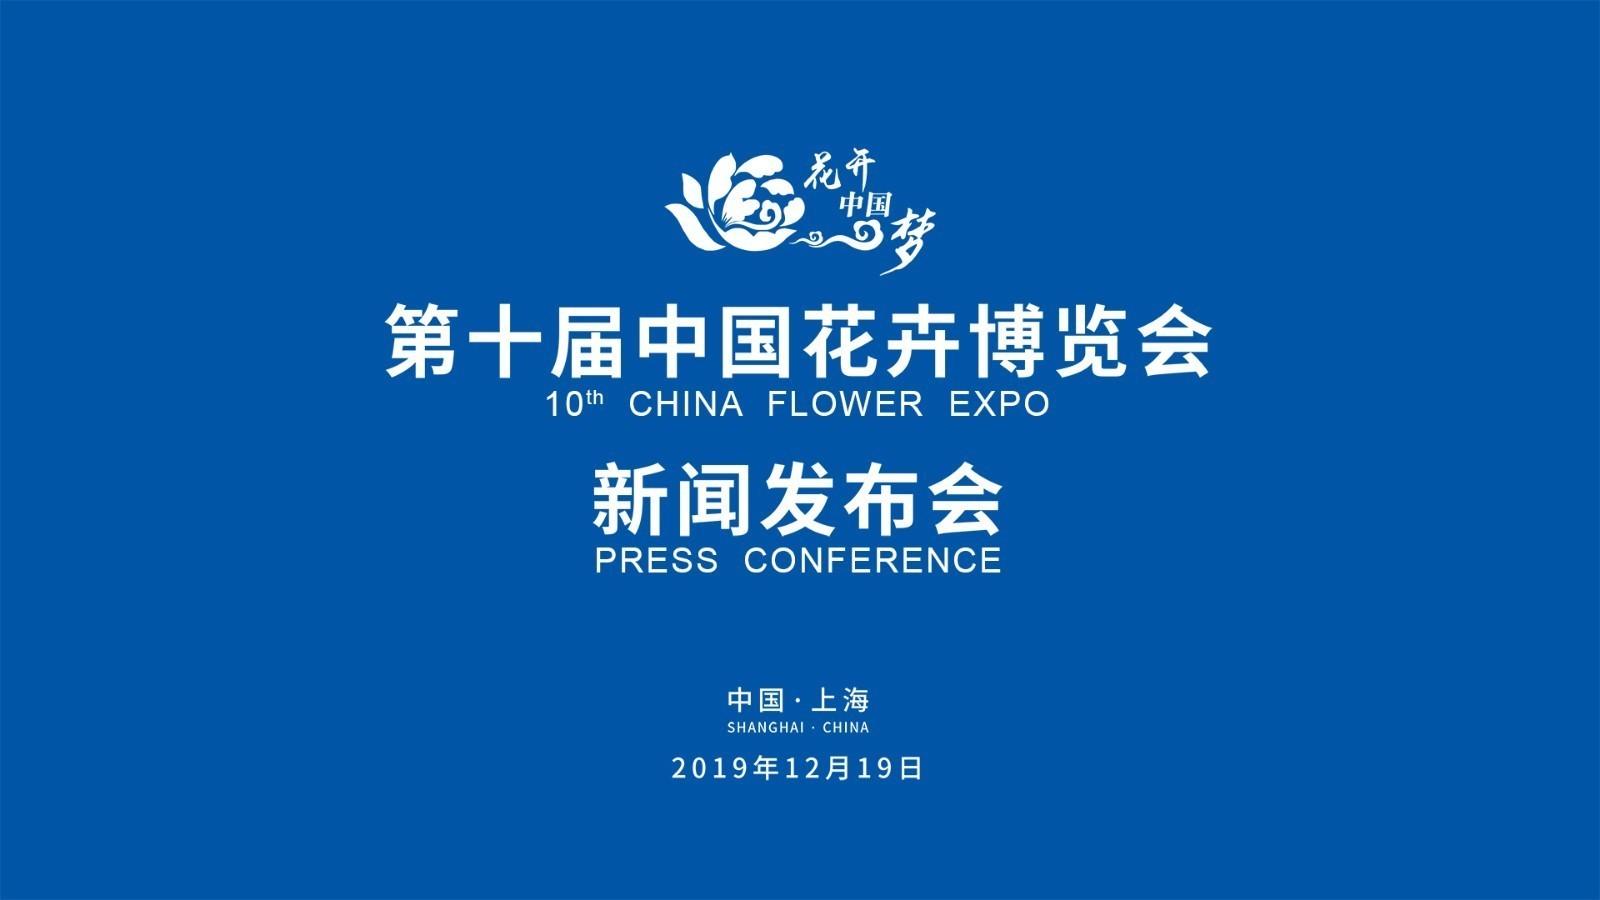 第十届中国花卉博览会新闻发布会